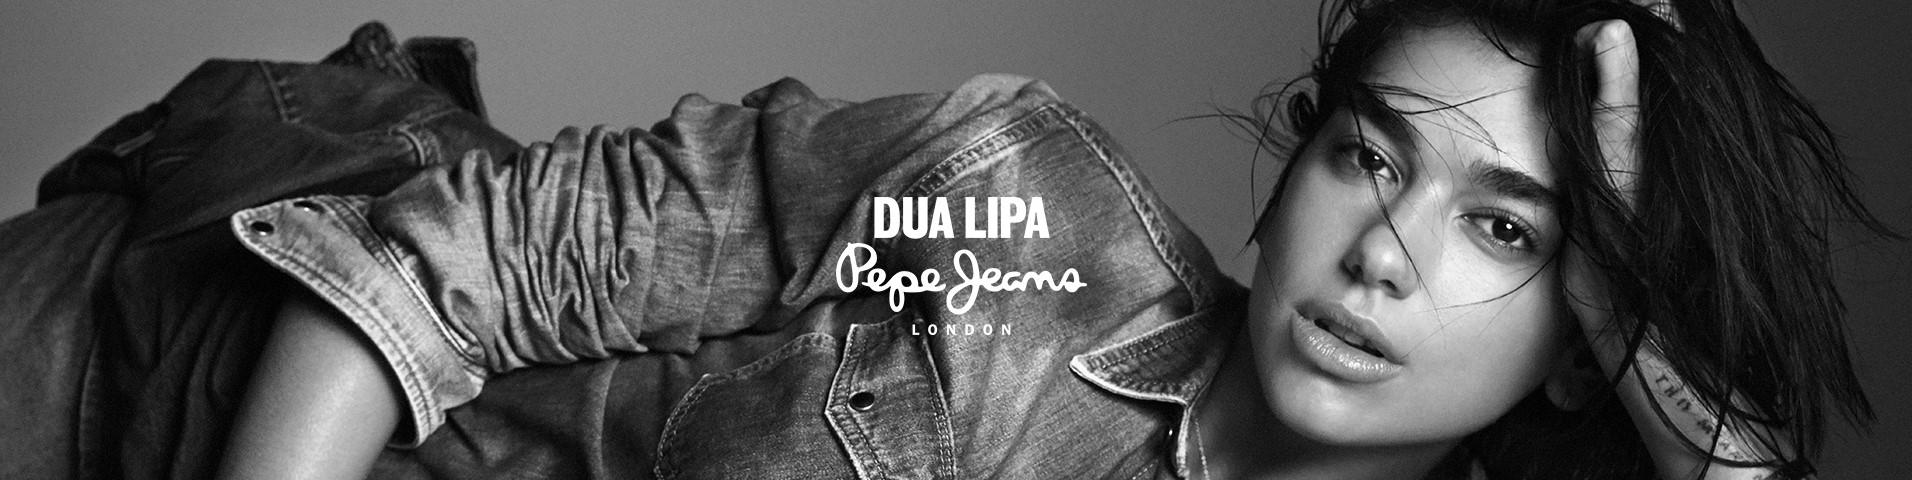 b08664cf4 Ropa, zapatos y accesorios Pepe Jeans de mujer   Comprar online en ...